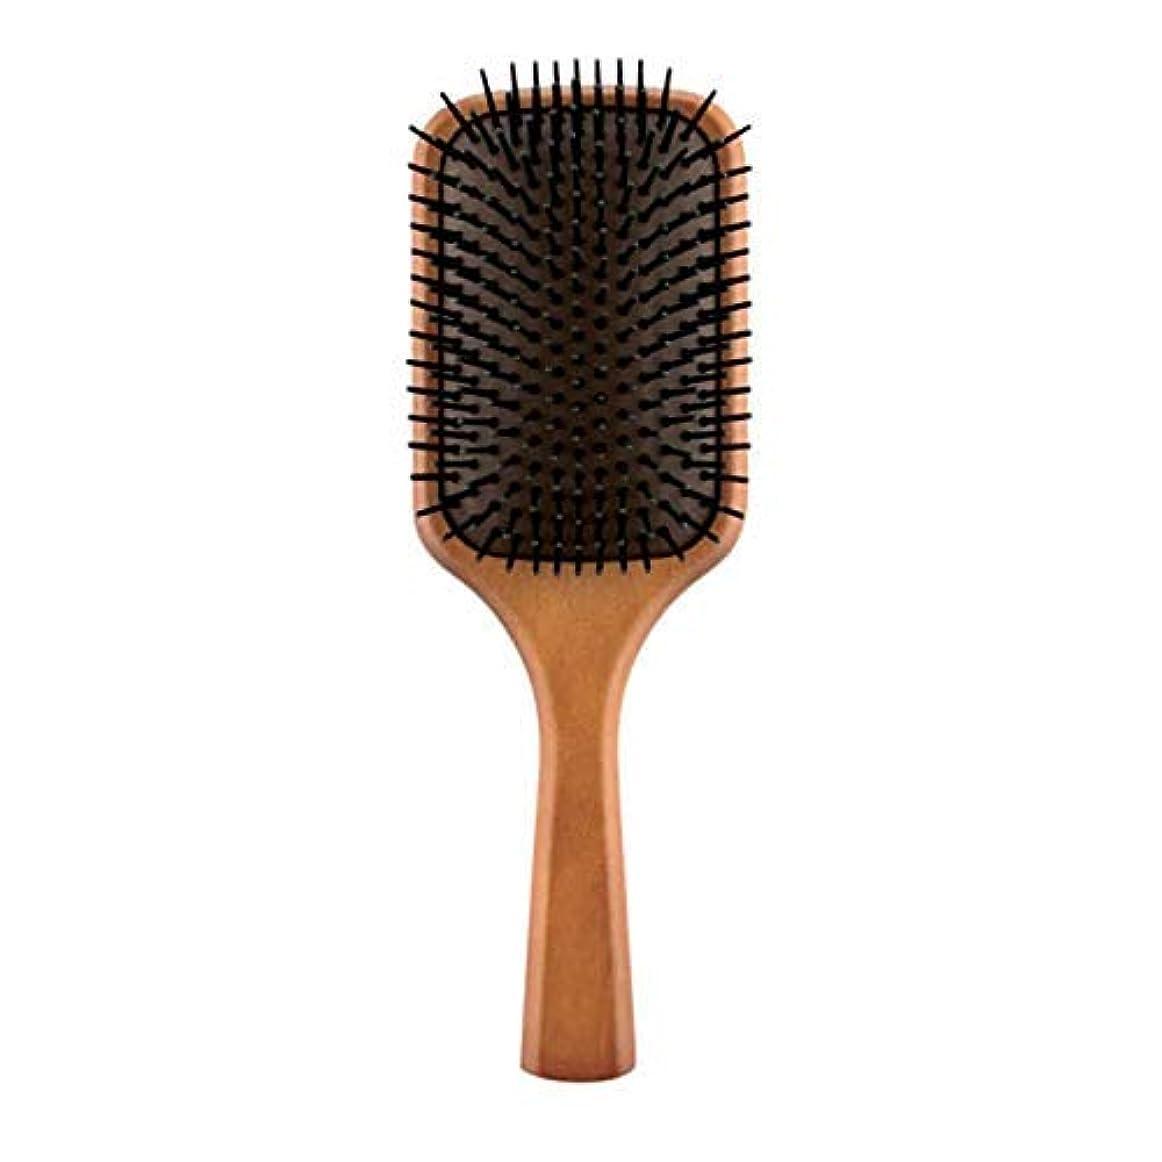 シェルター美人切り刻むヘアケア パドルブラシ 頭皮ケア InstagramなどのSNSで大人気